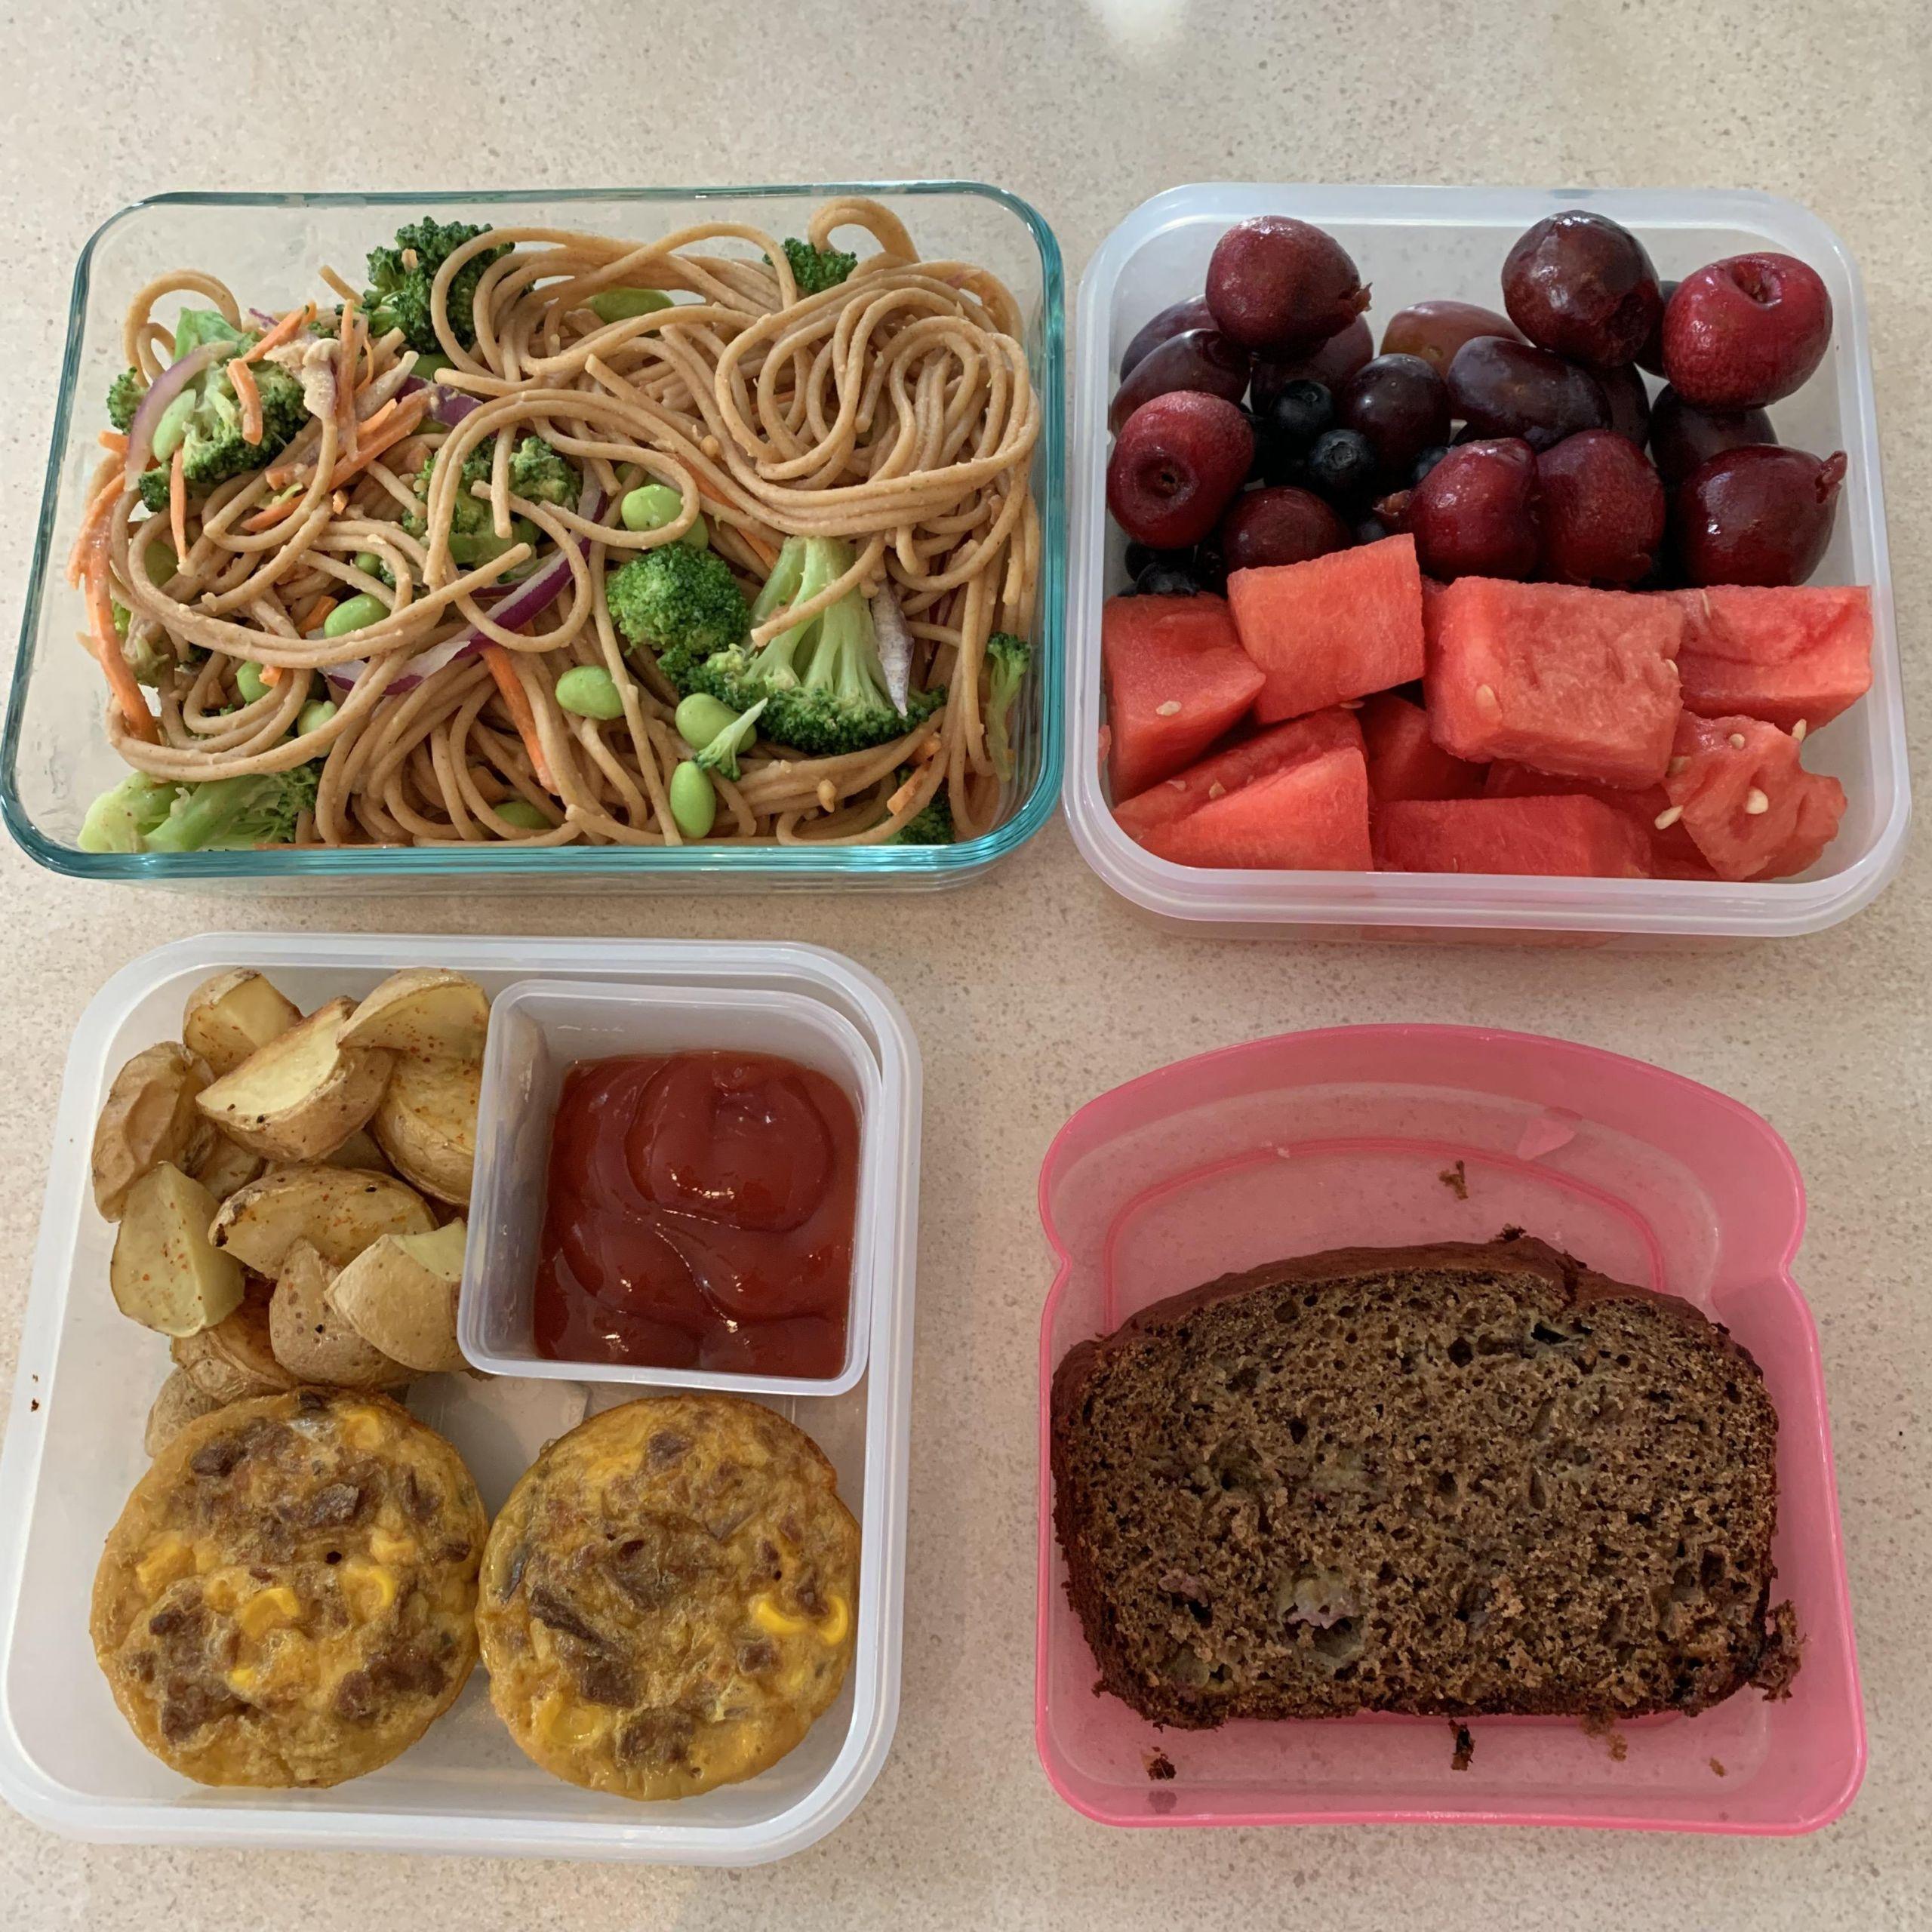 Vegan Breakfast Meal Prep For The Week  Ve arian meal prep Breakfast lunch and snacks for the